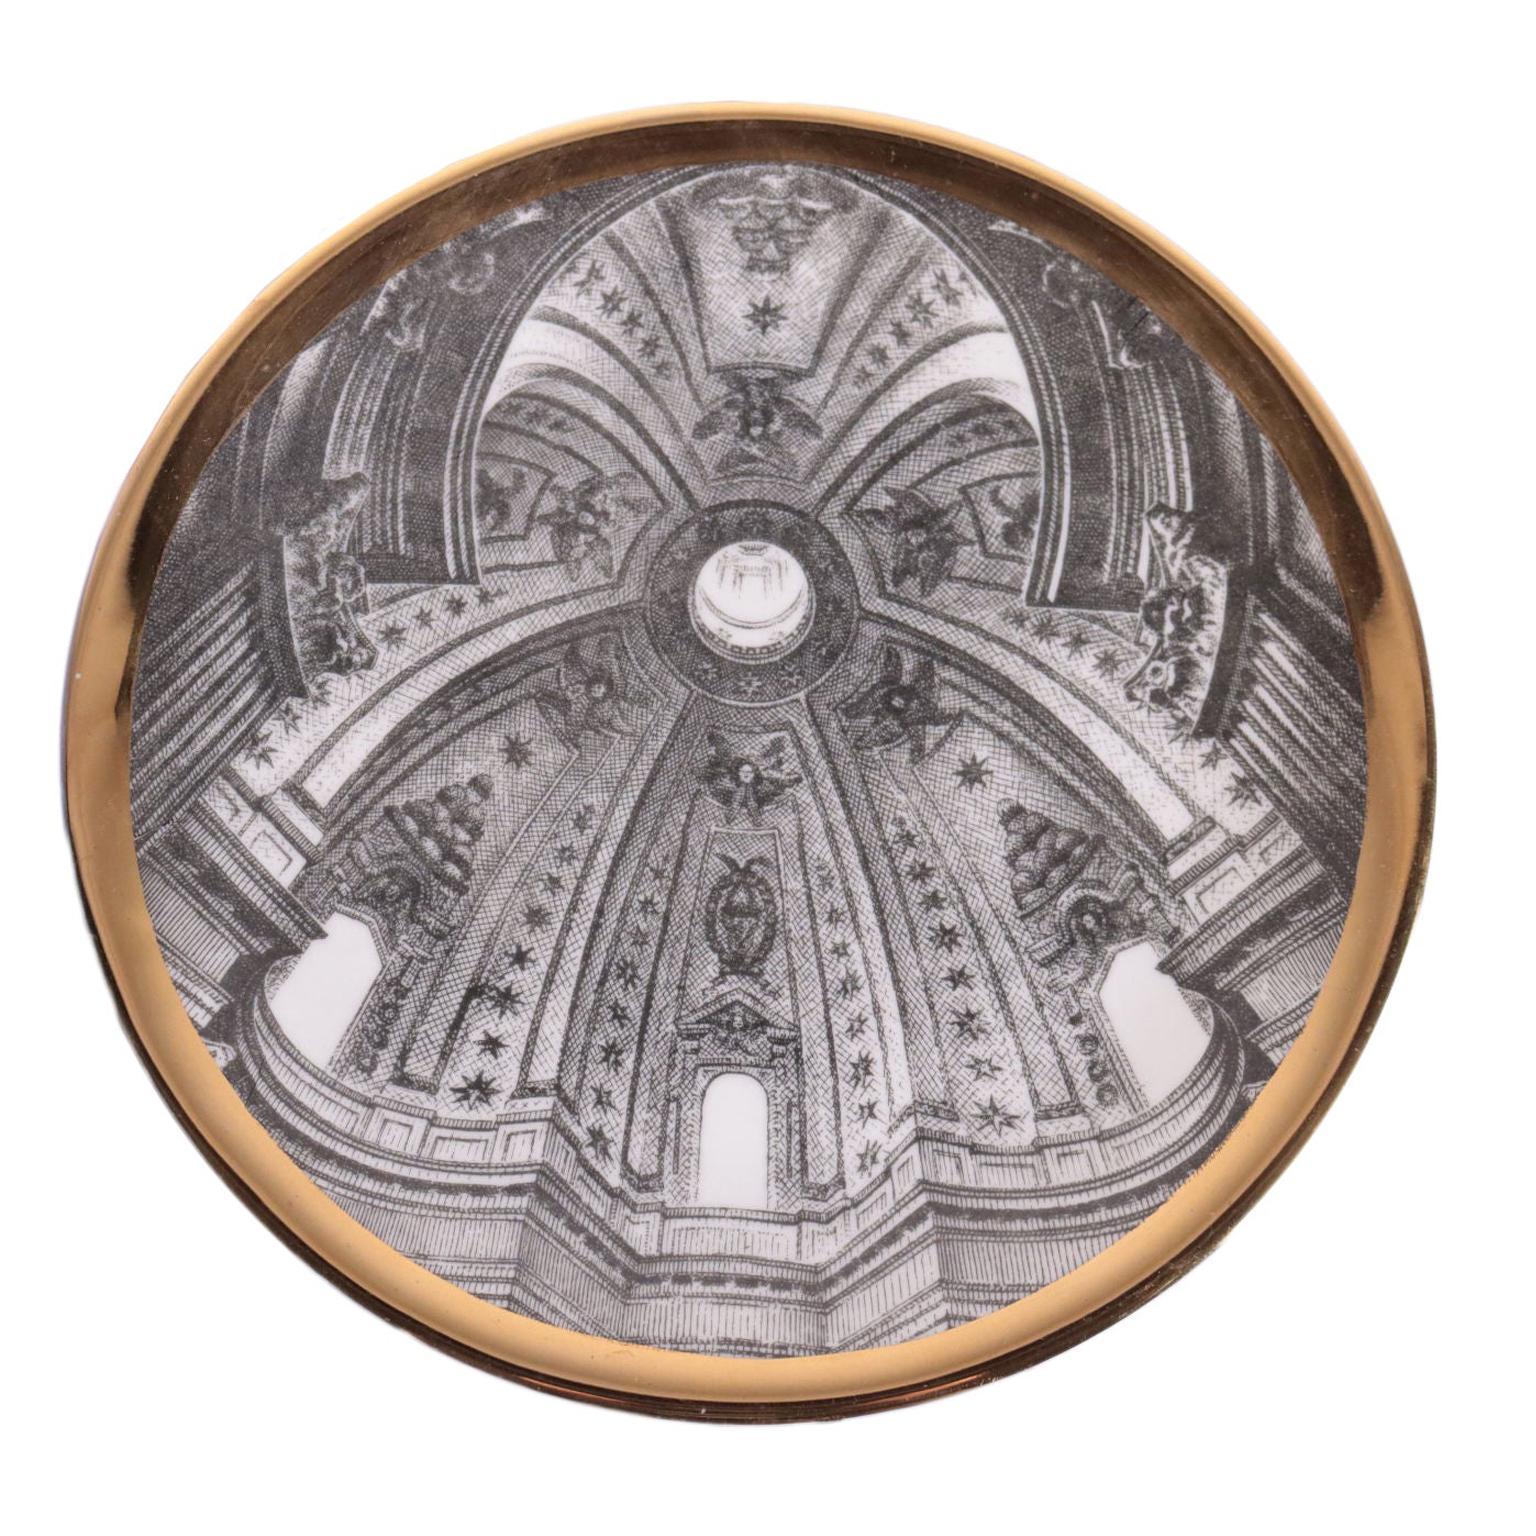 Piero Fornasetti '1913-1988' Plate Porcelain Milan, Italy, 1960s